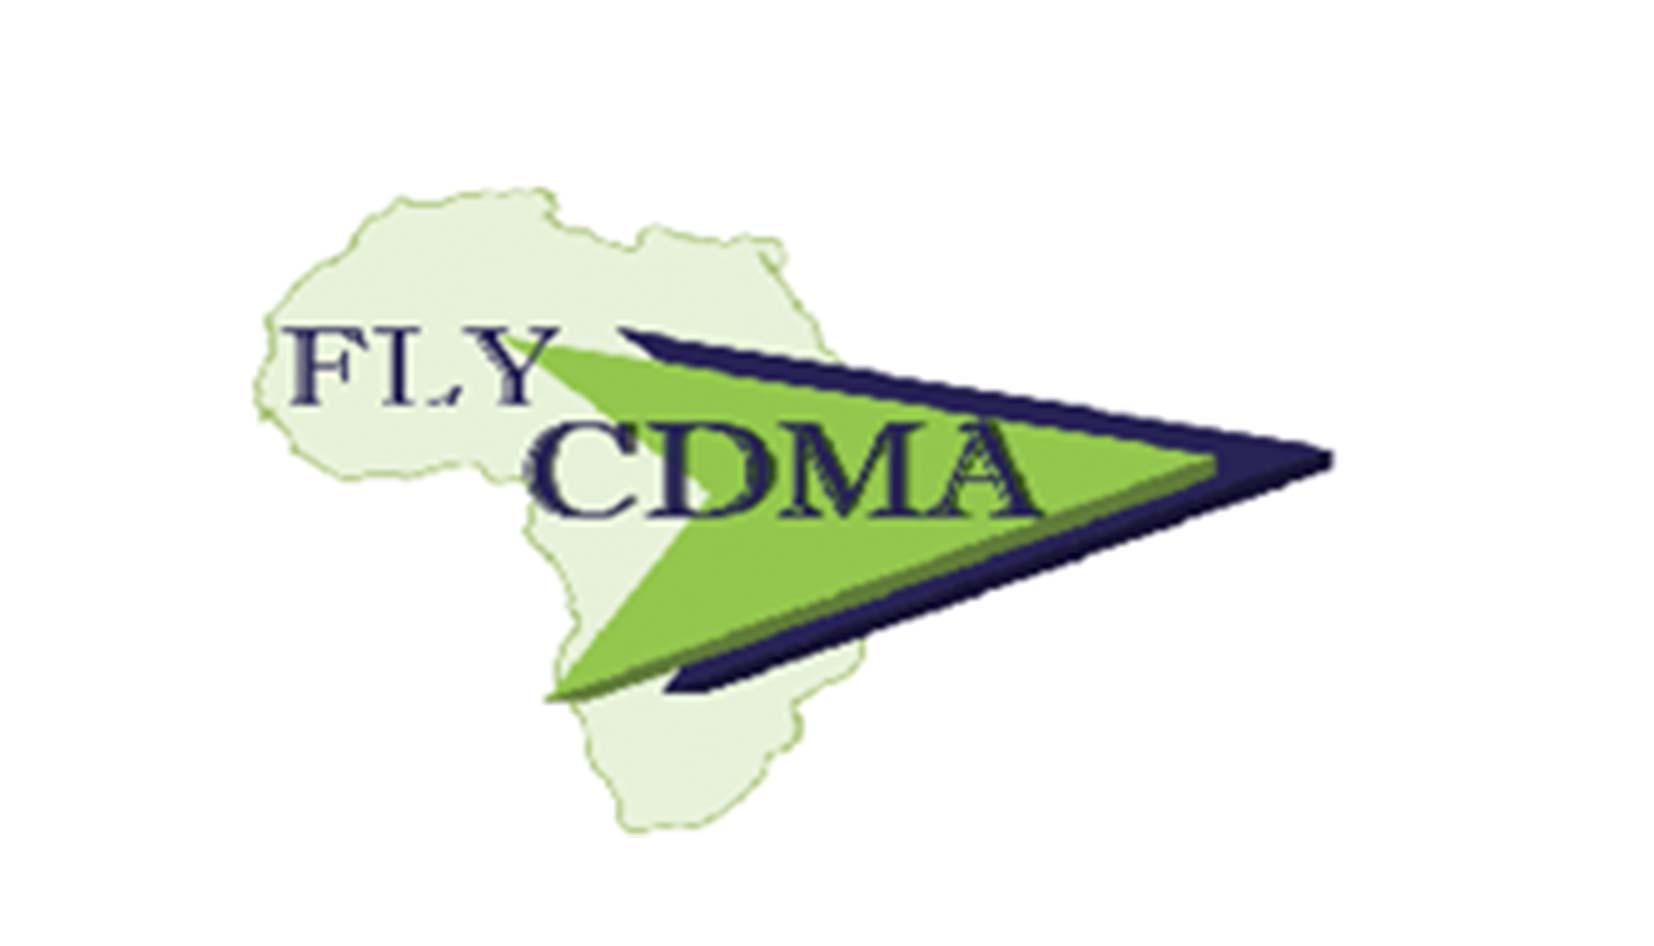 Fly CDMA